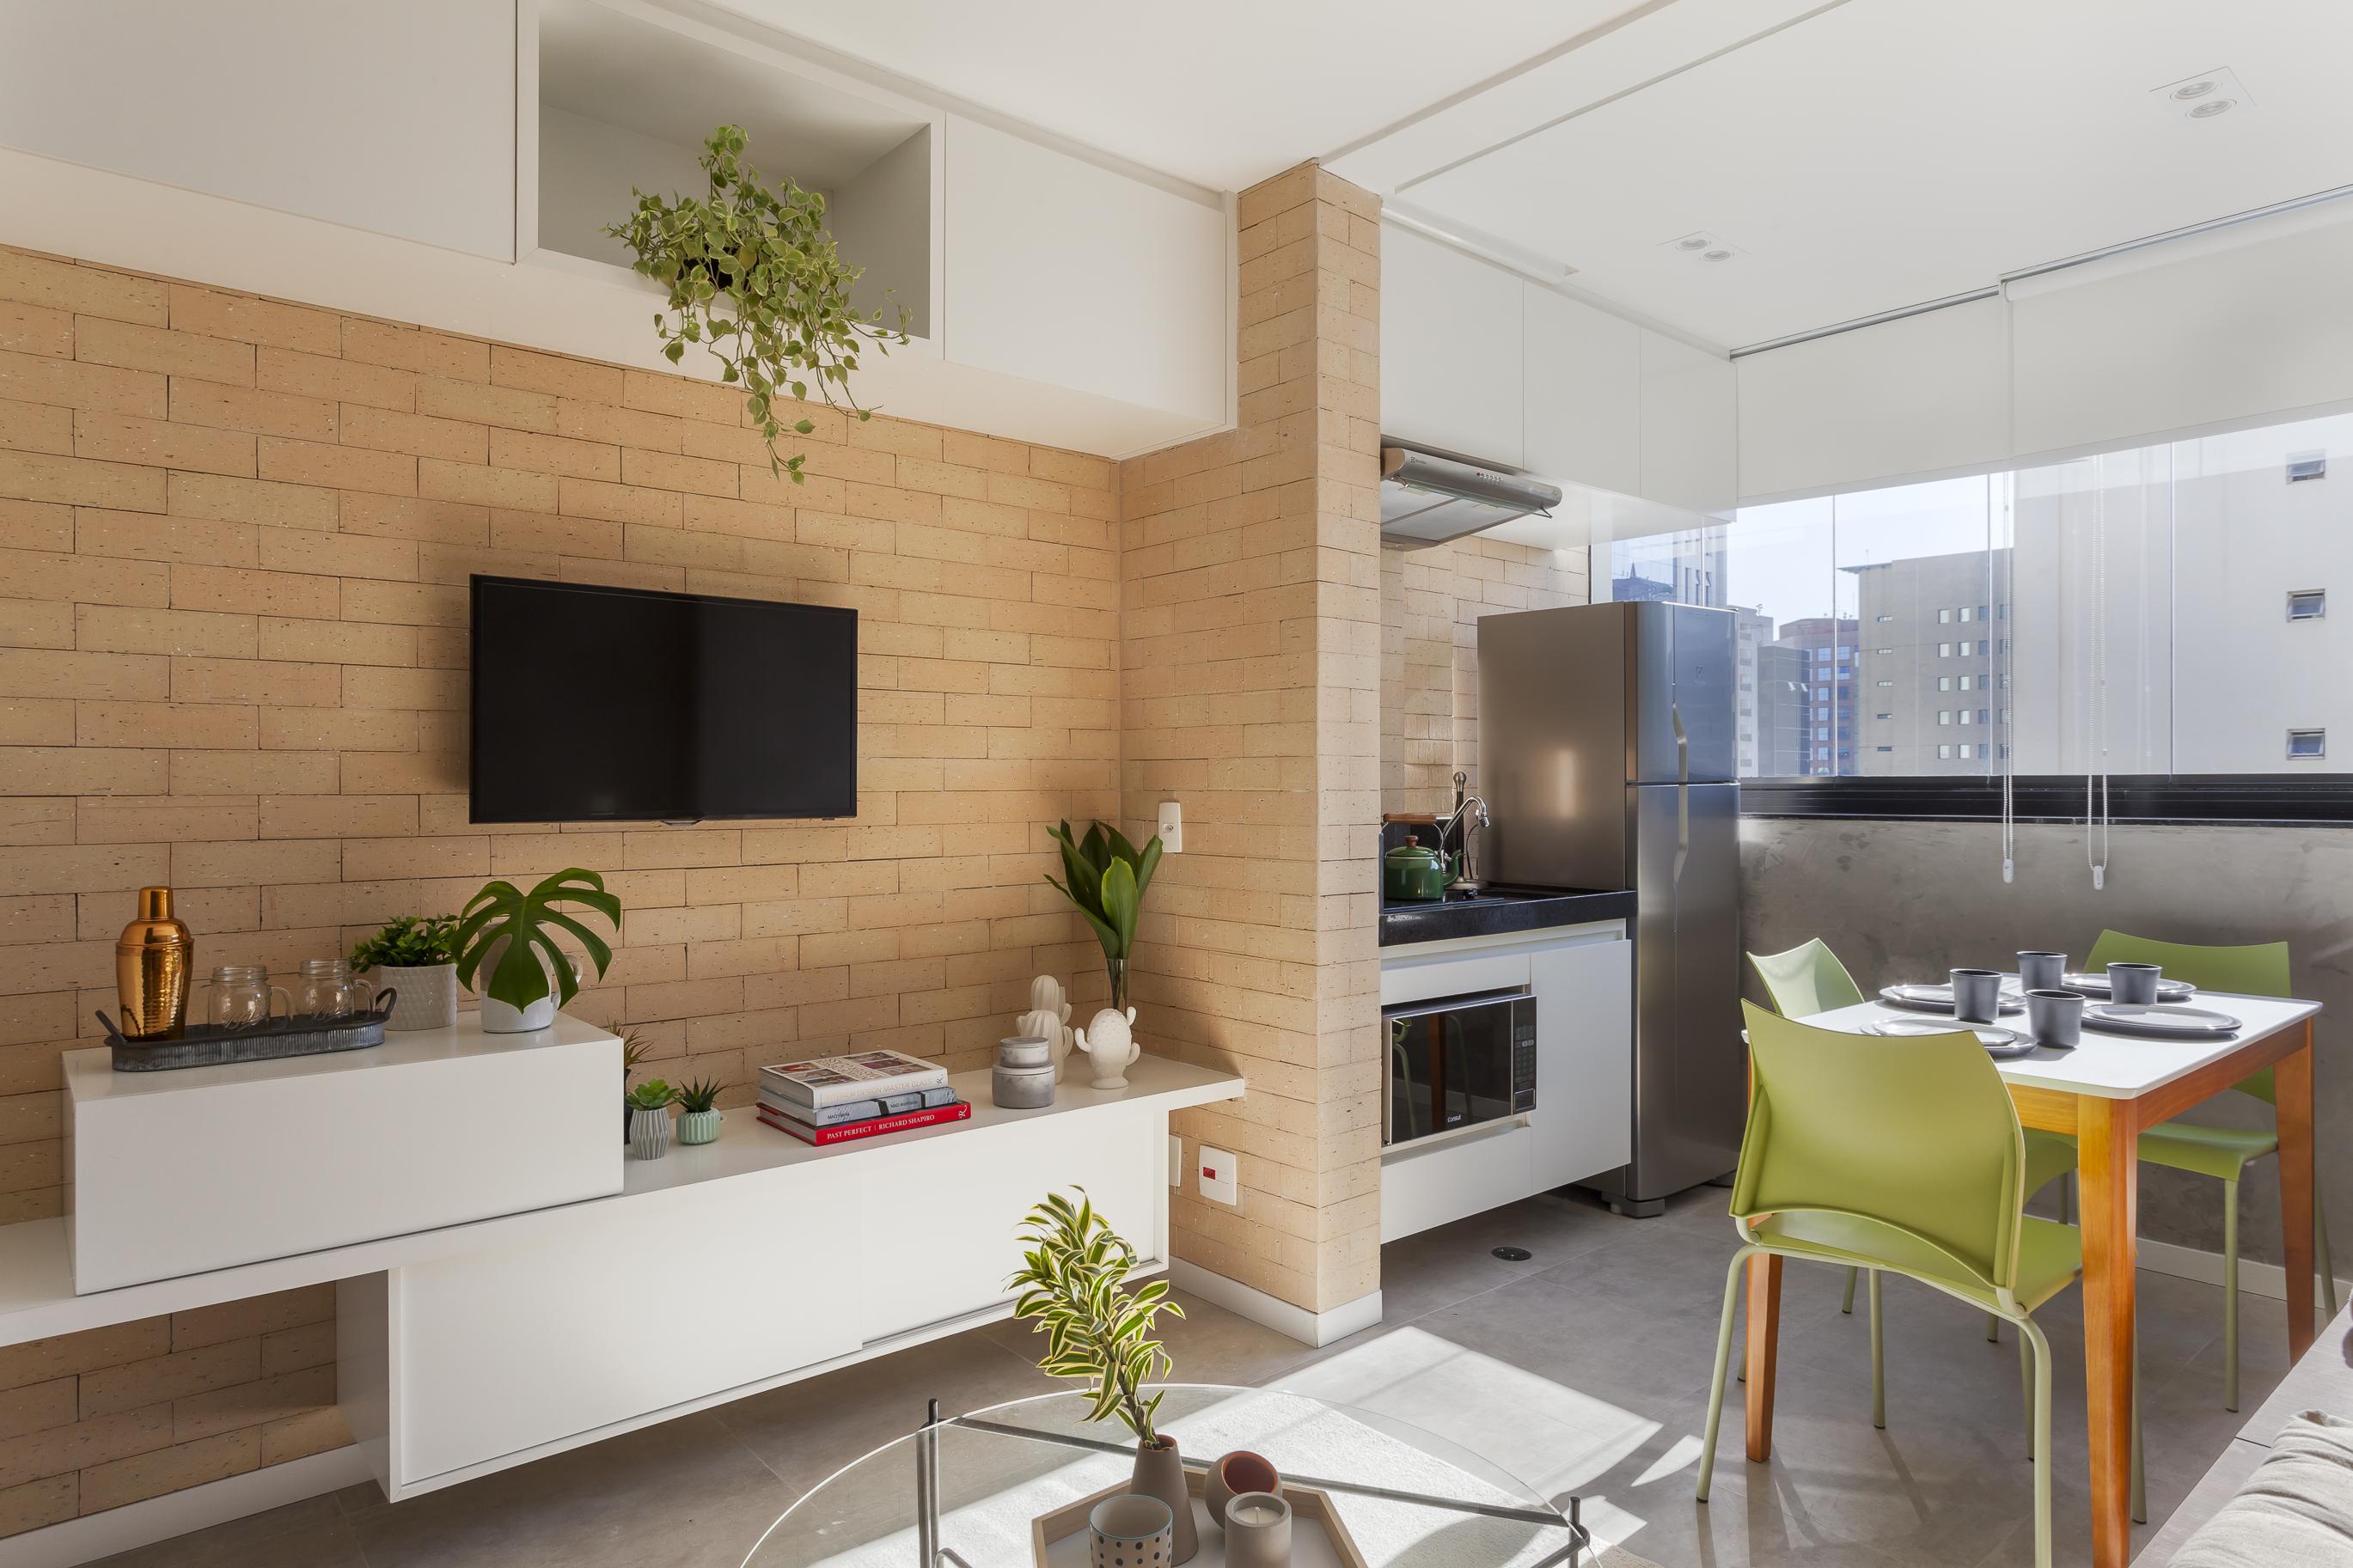 Microapê de 27 m² ganha decoração autêntica em espaço compacto